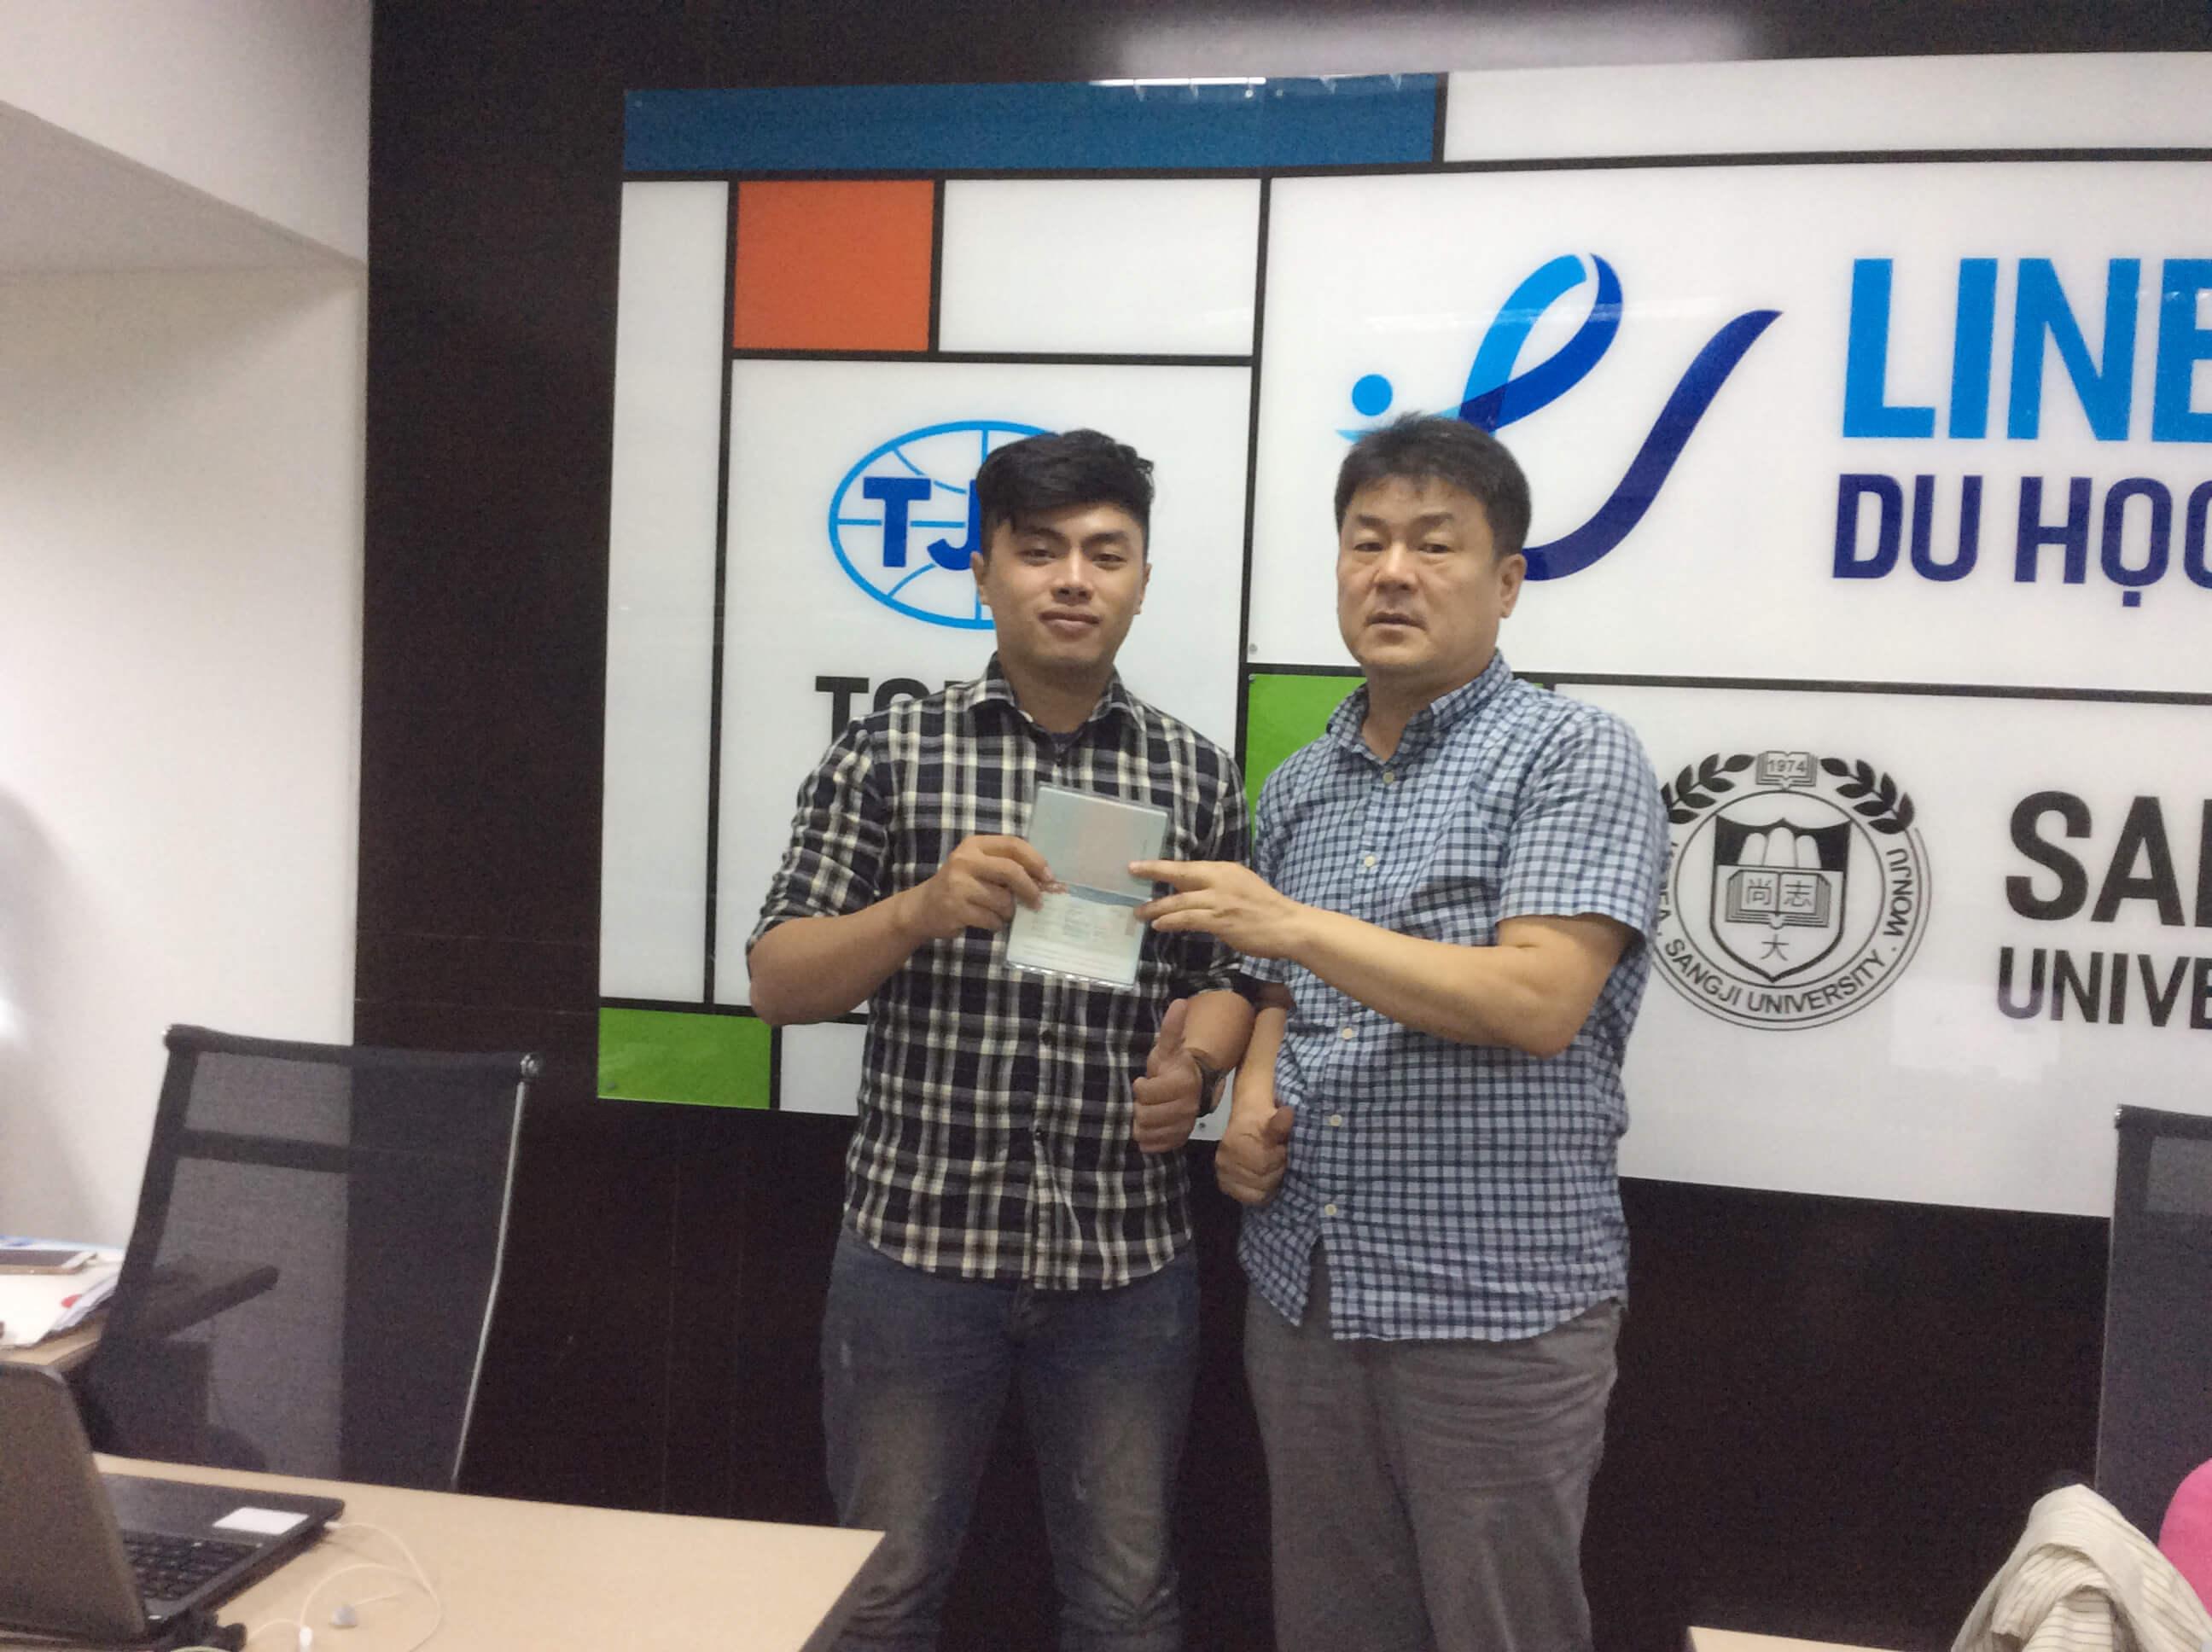 Chúc mừng học sinh của Line nhận visa thẳng từ đại học Sogang